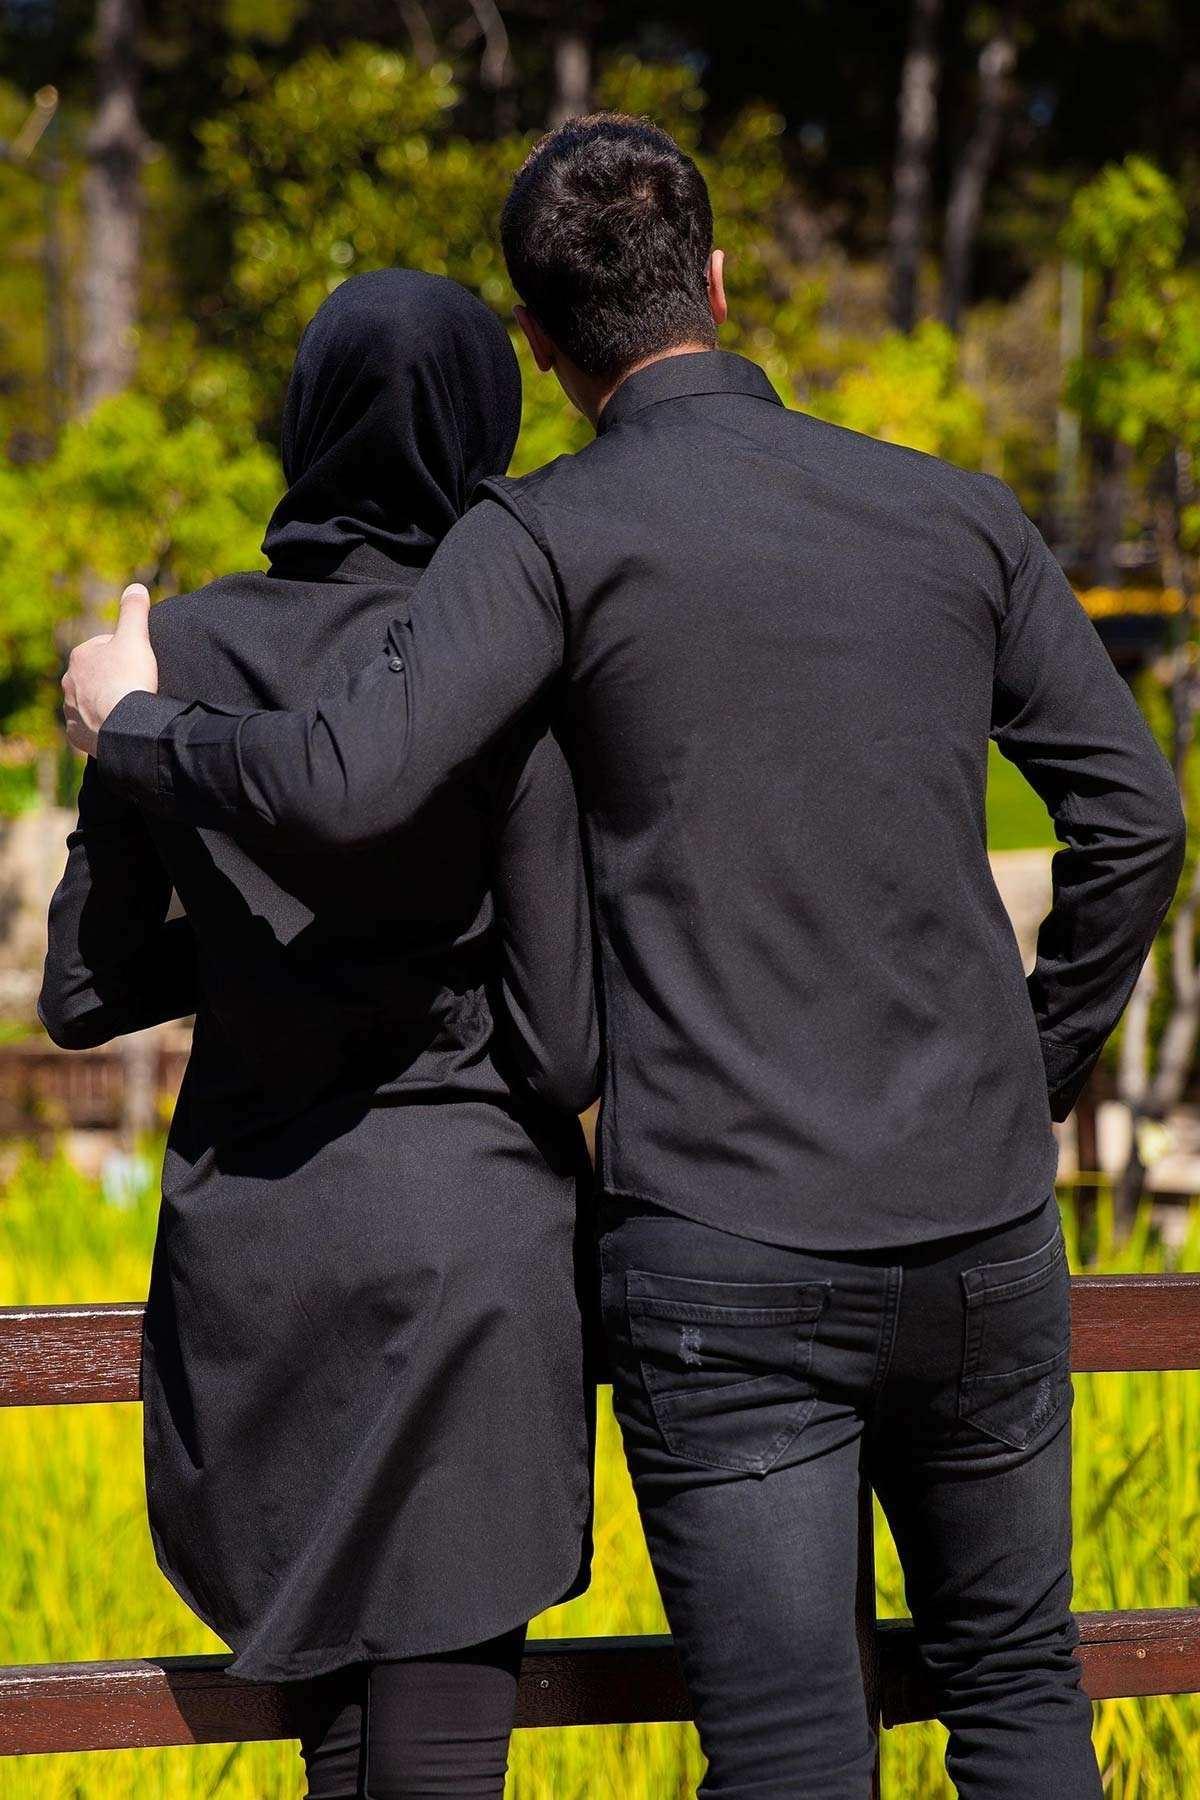 Sade Düz Tesettür Sevgili Kombini Siyah